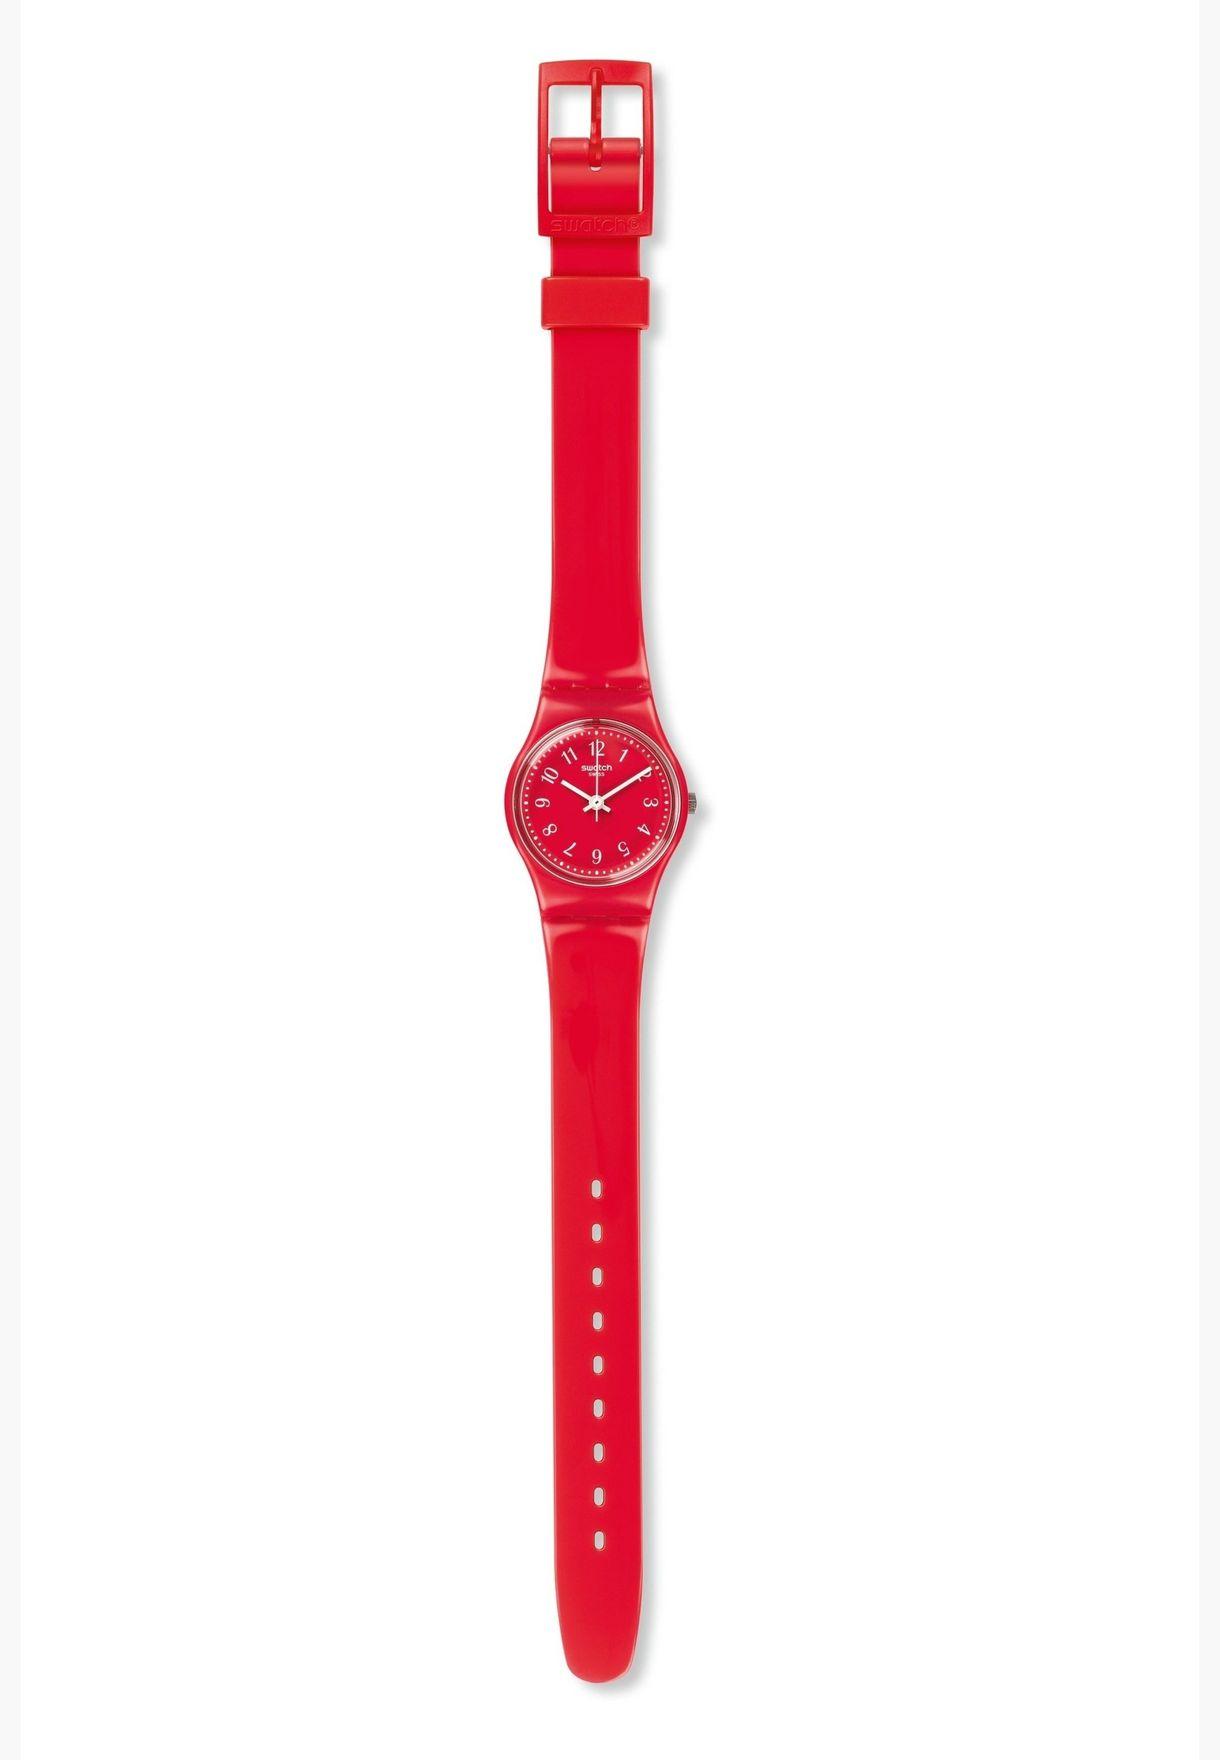 ساعة سواتش للنساء بسوار سيليكون قياسي - LR127